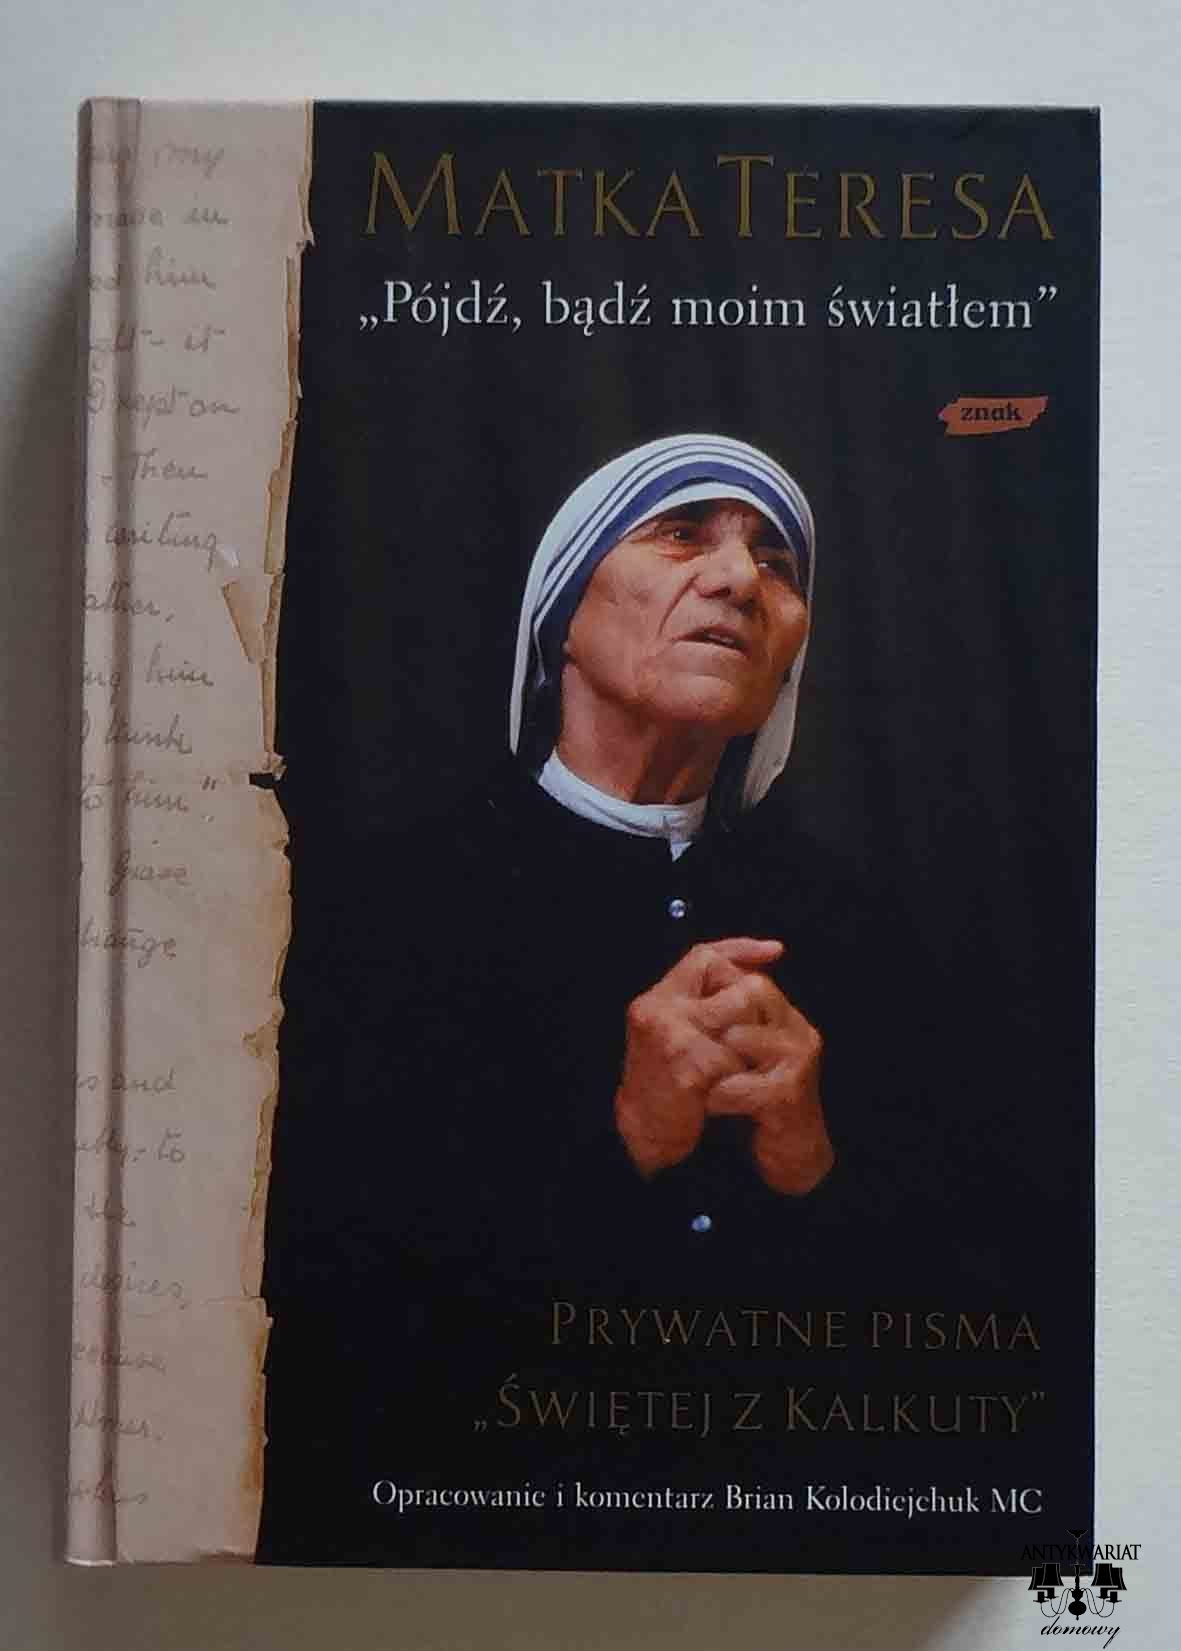 Matka Teresa Pójdź Bądź Moim światłem Prywatne Pisma świętej Z Kalkuty